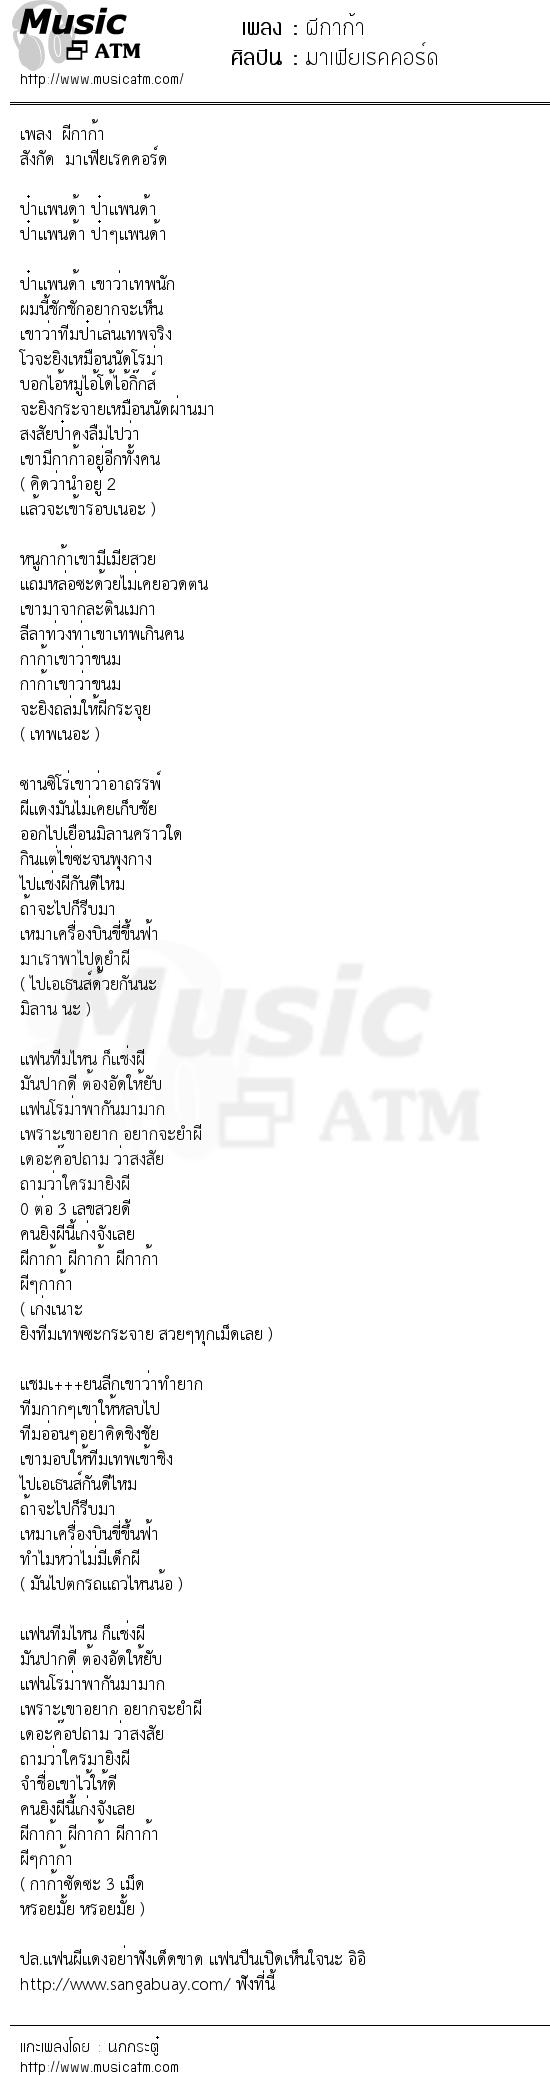 เนื้อเพลง ผีกาก้า - มาเฟียเรคคอร์ด   Popasia.net   เพลงไทย